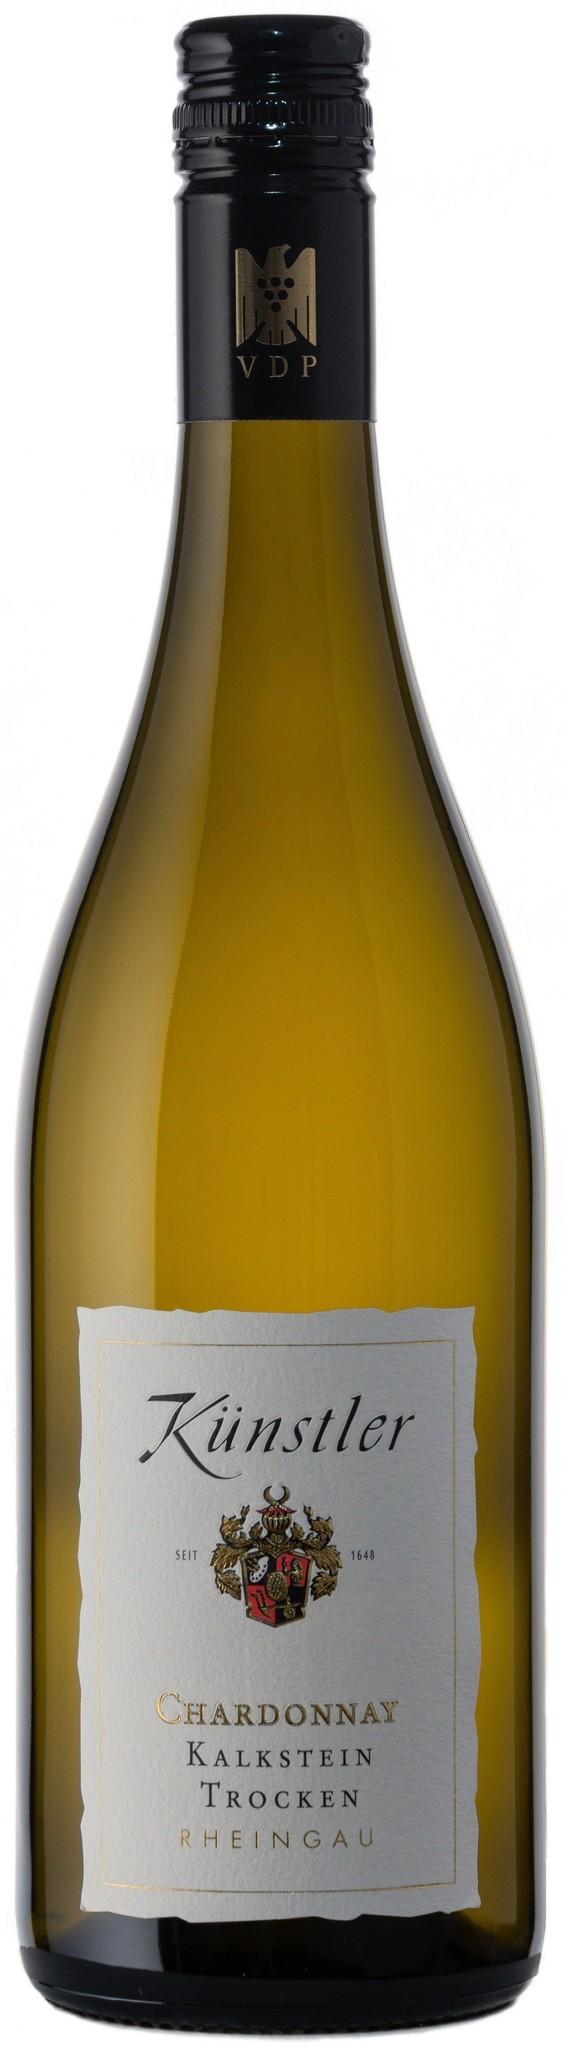 Weingut Künstler Chardonnay, Kalkstein 2019-1